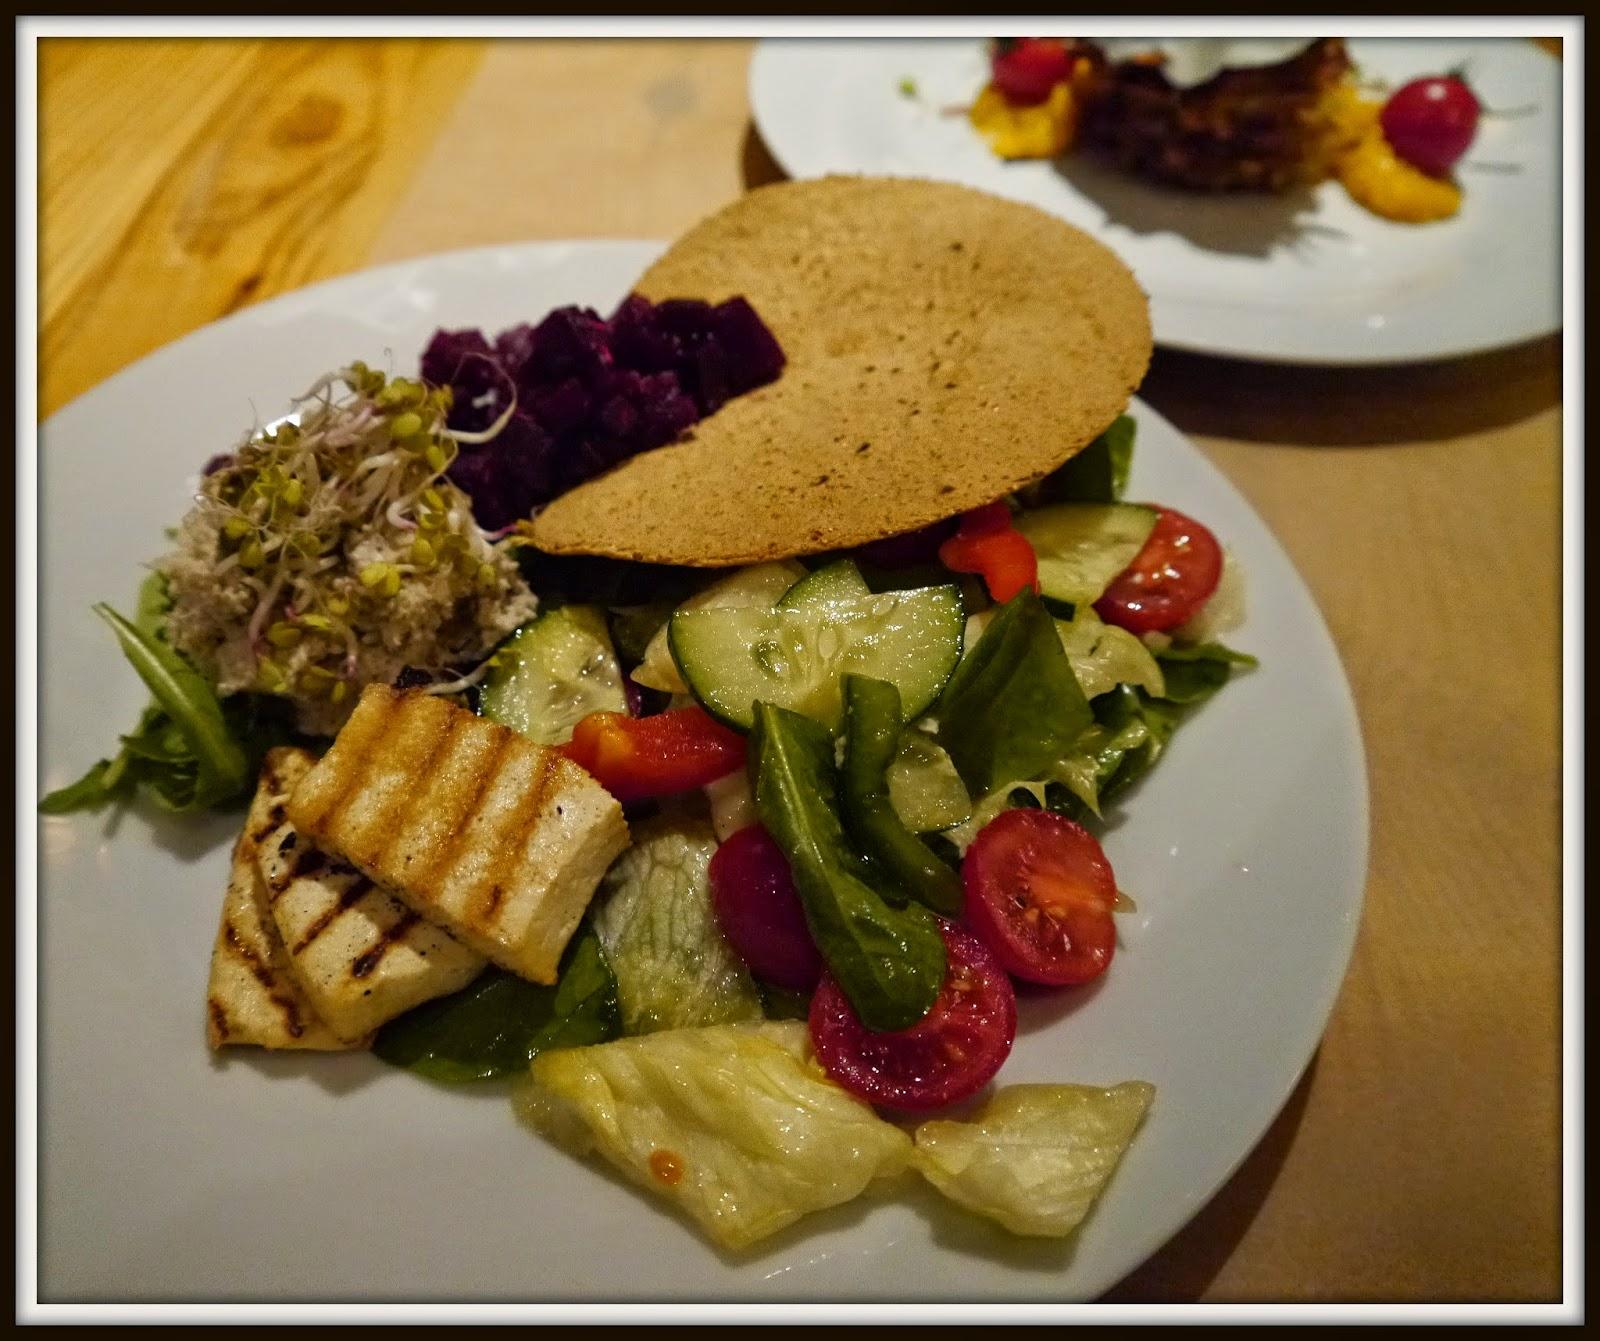 Restauracja wegetariańska, wegańska, bezglutenowa, Wielopole 3, sałatka wiosenna